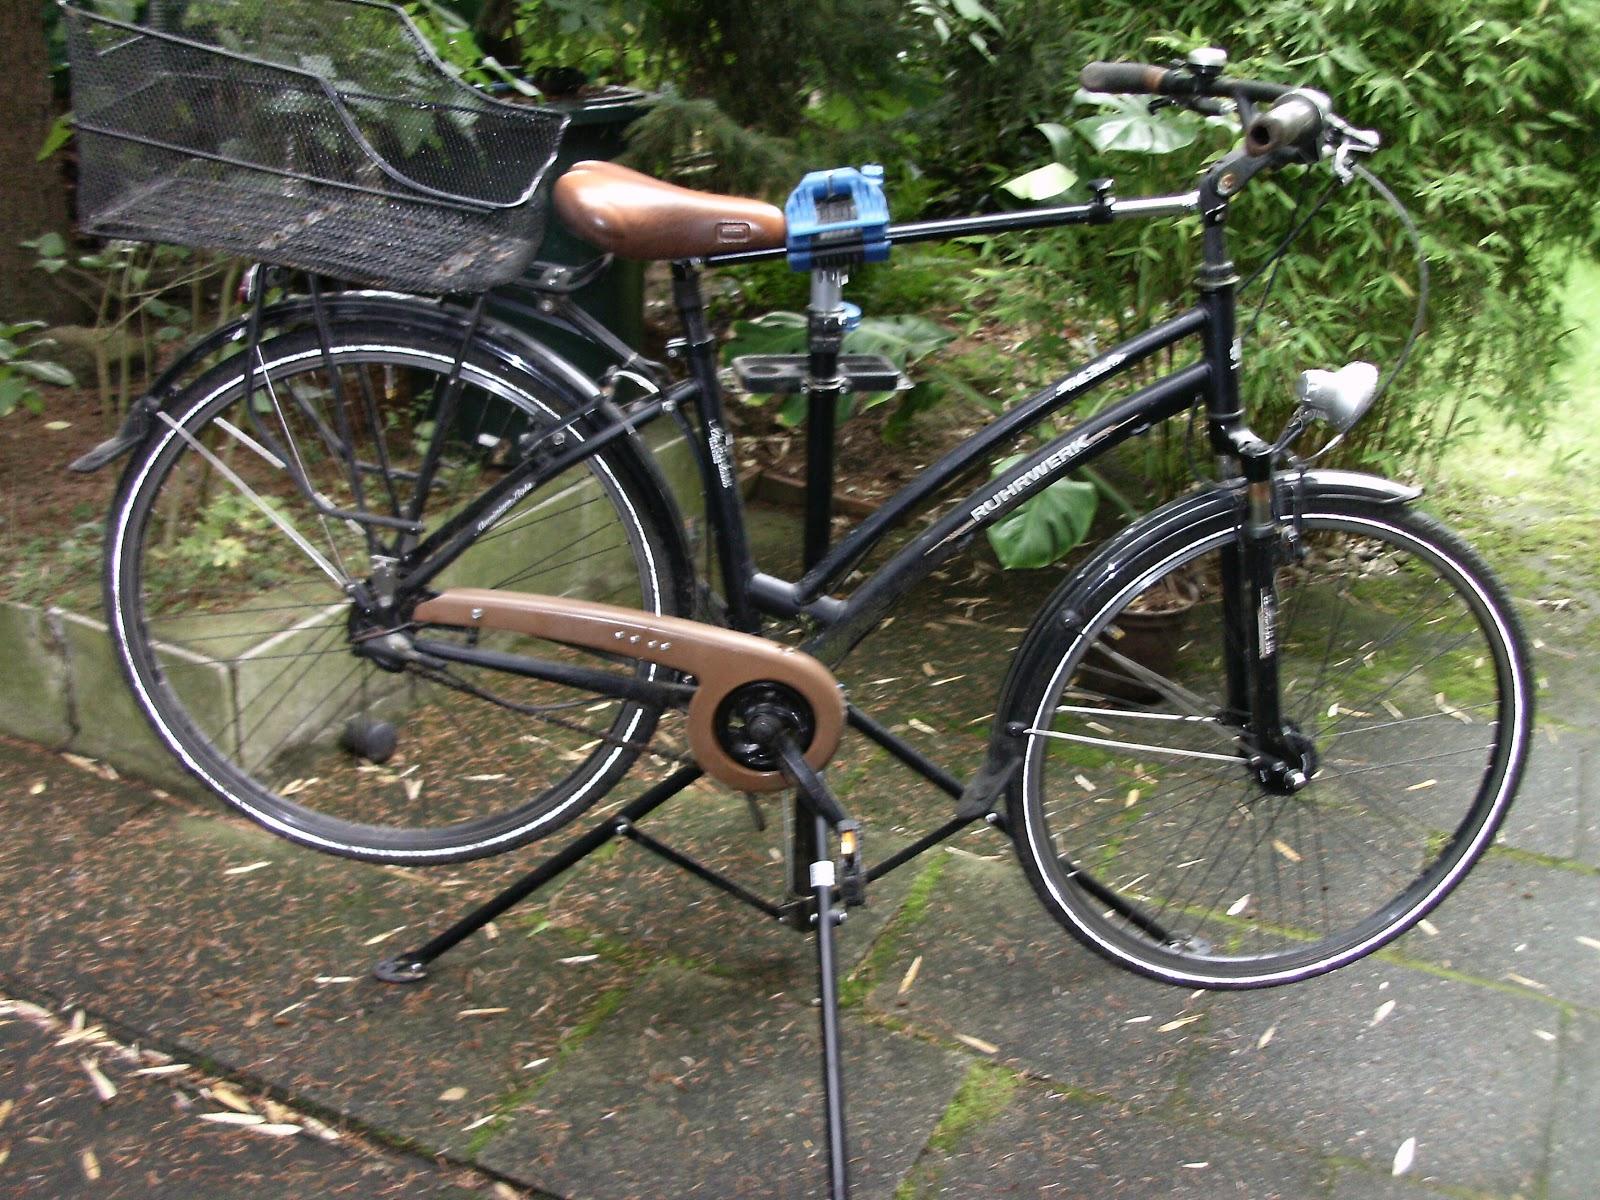 michels bastelbude erweiterung f r jeden fahrrad. Black Bedroom Furniture Sets. Home Design Ideas